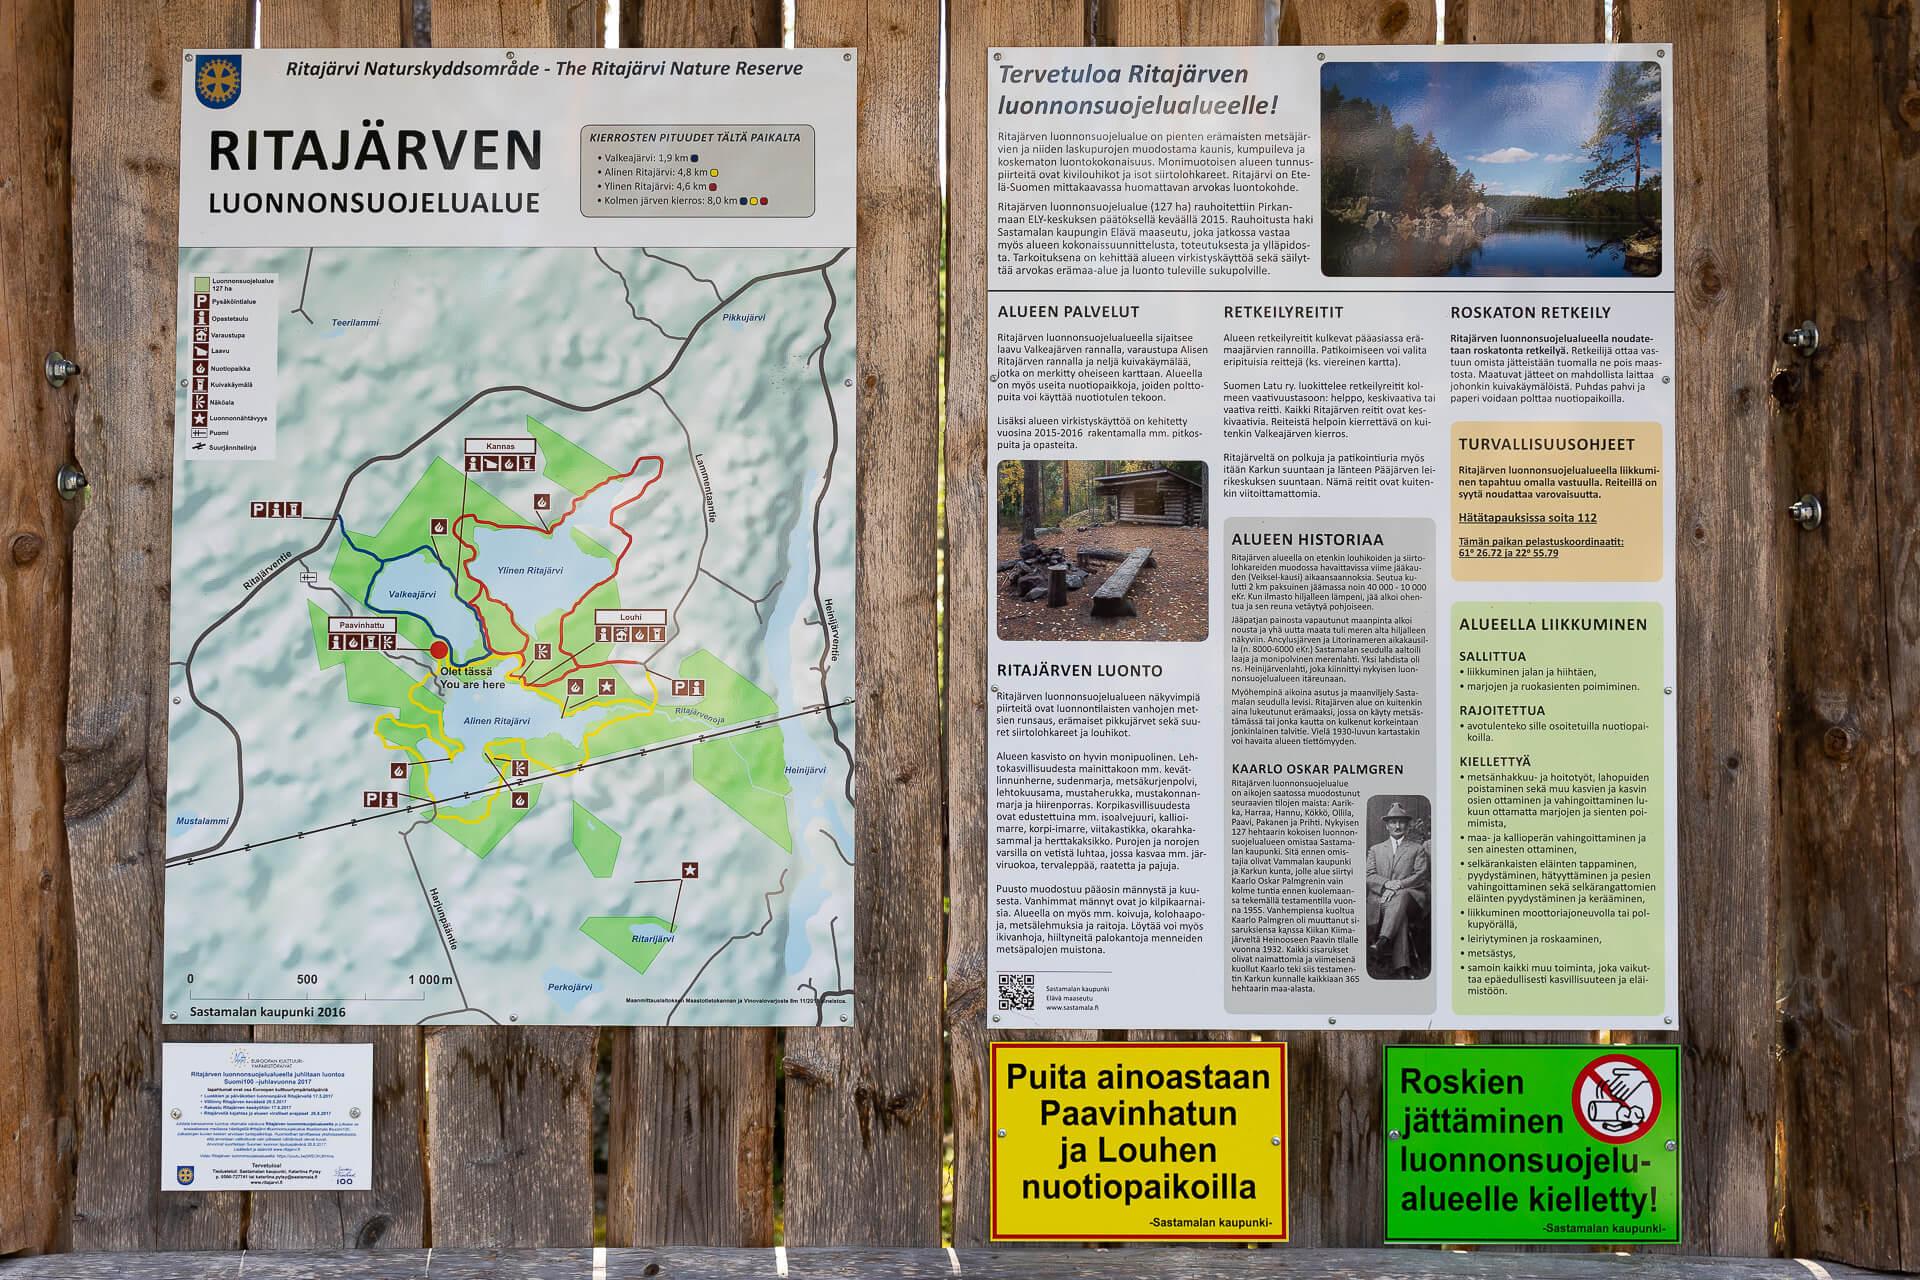 Ritajärven luonnonsuojelualueen infotaulu Paavinhatun taukopaikalla.